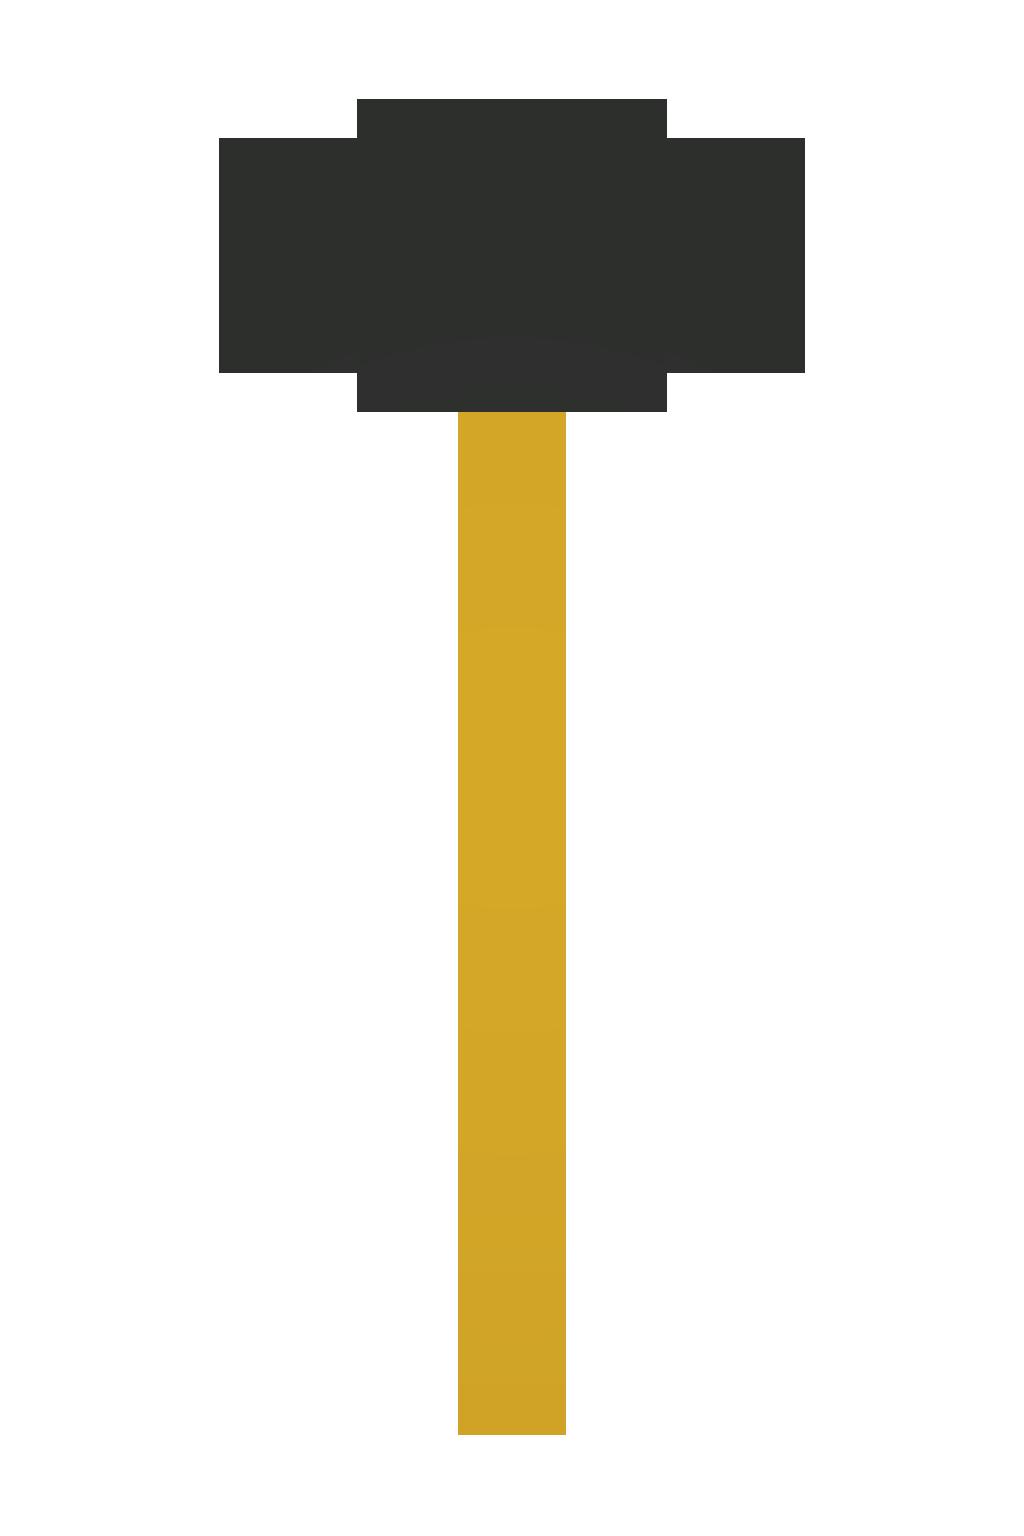 Sledgehammer Unturned Bunker Wiki Fandom Powered By Wikia